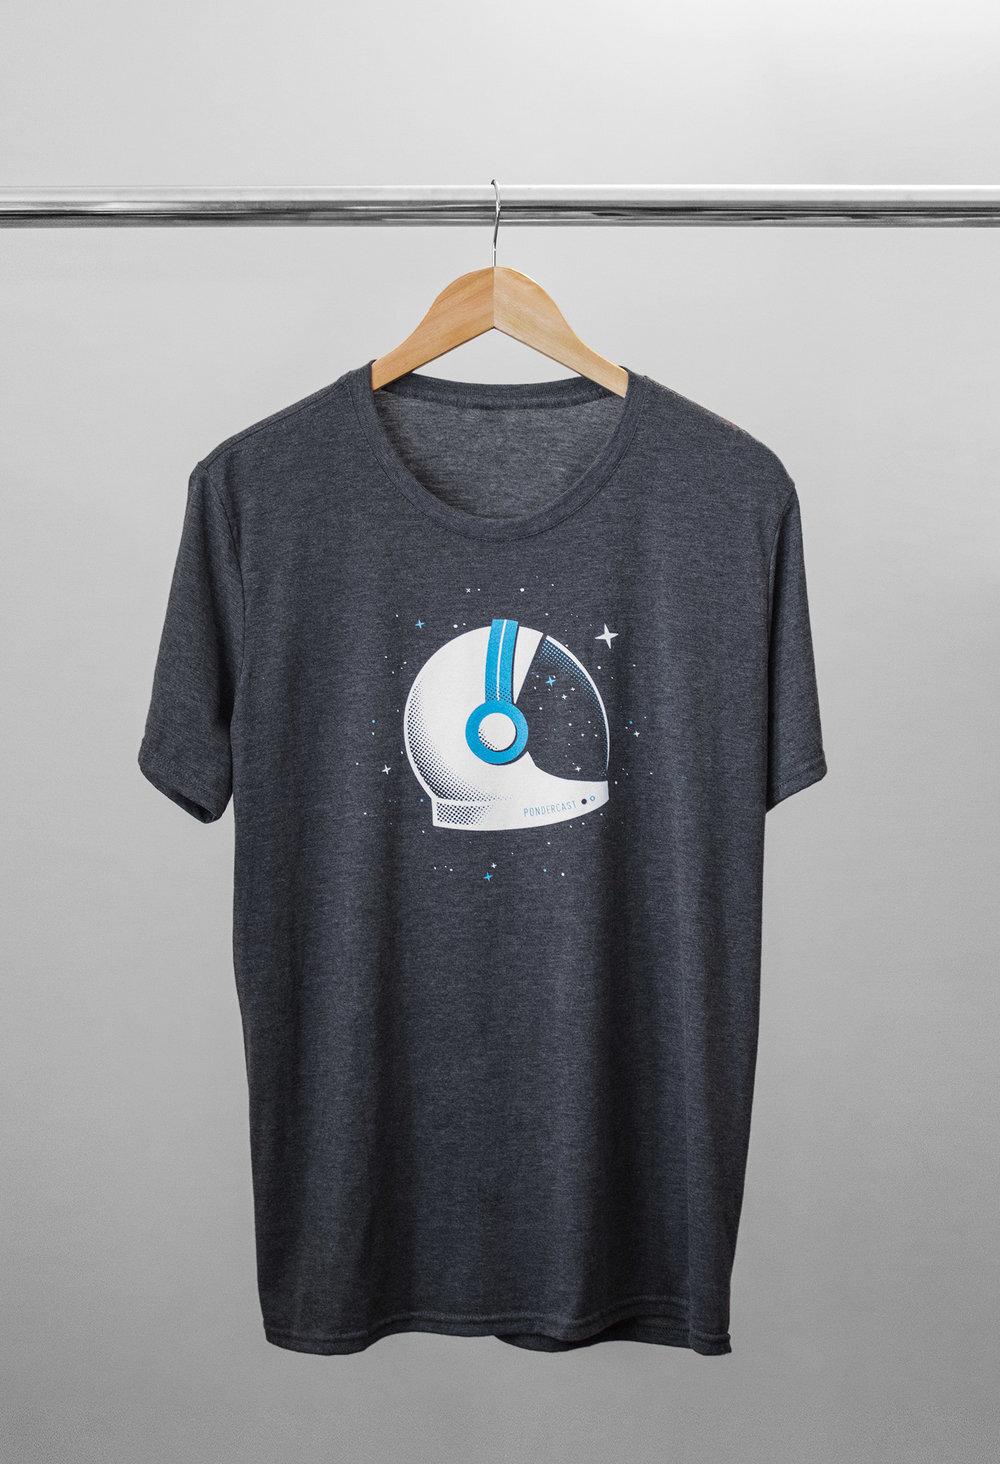 men's+shirt.jpg